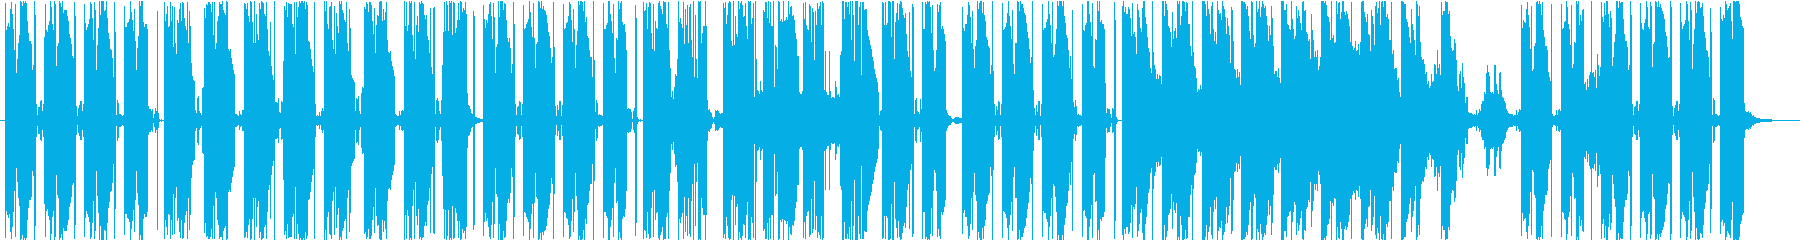 和のテイストを持つトラップの再生済みの波形